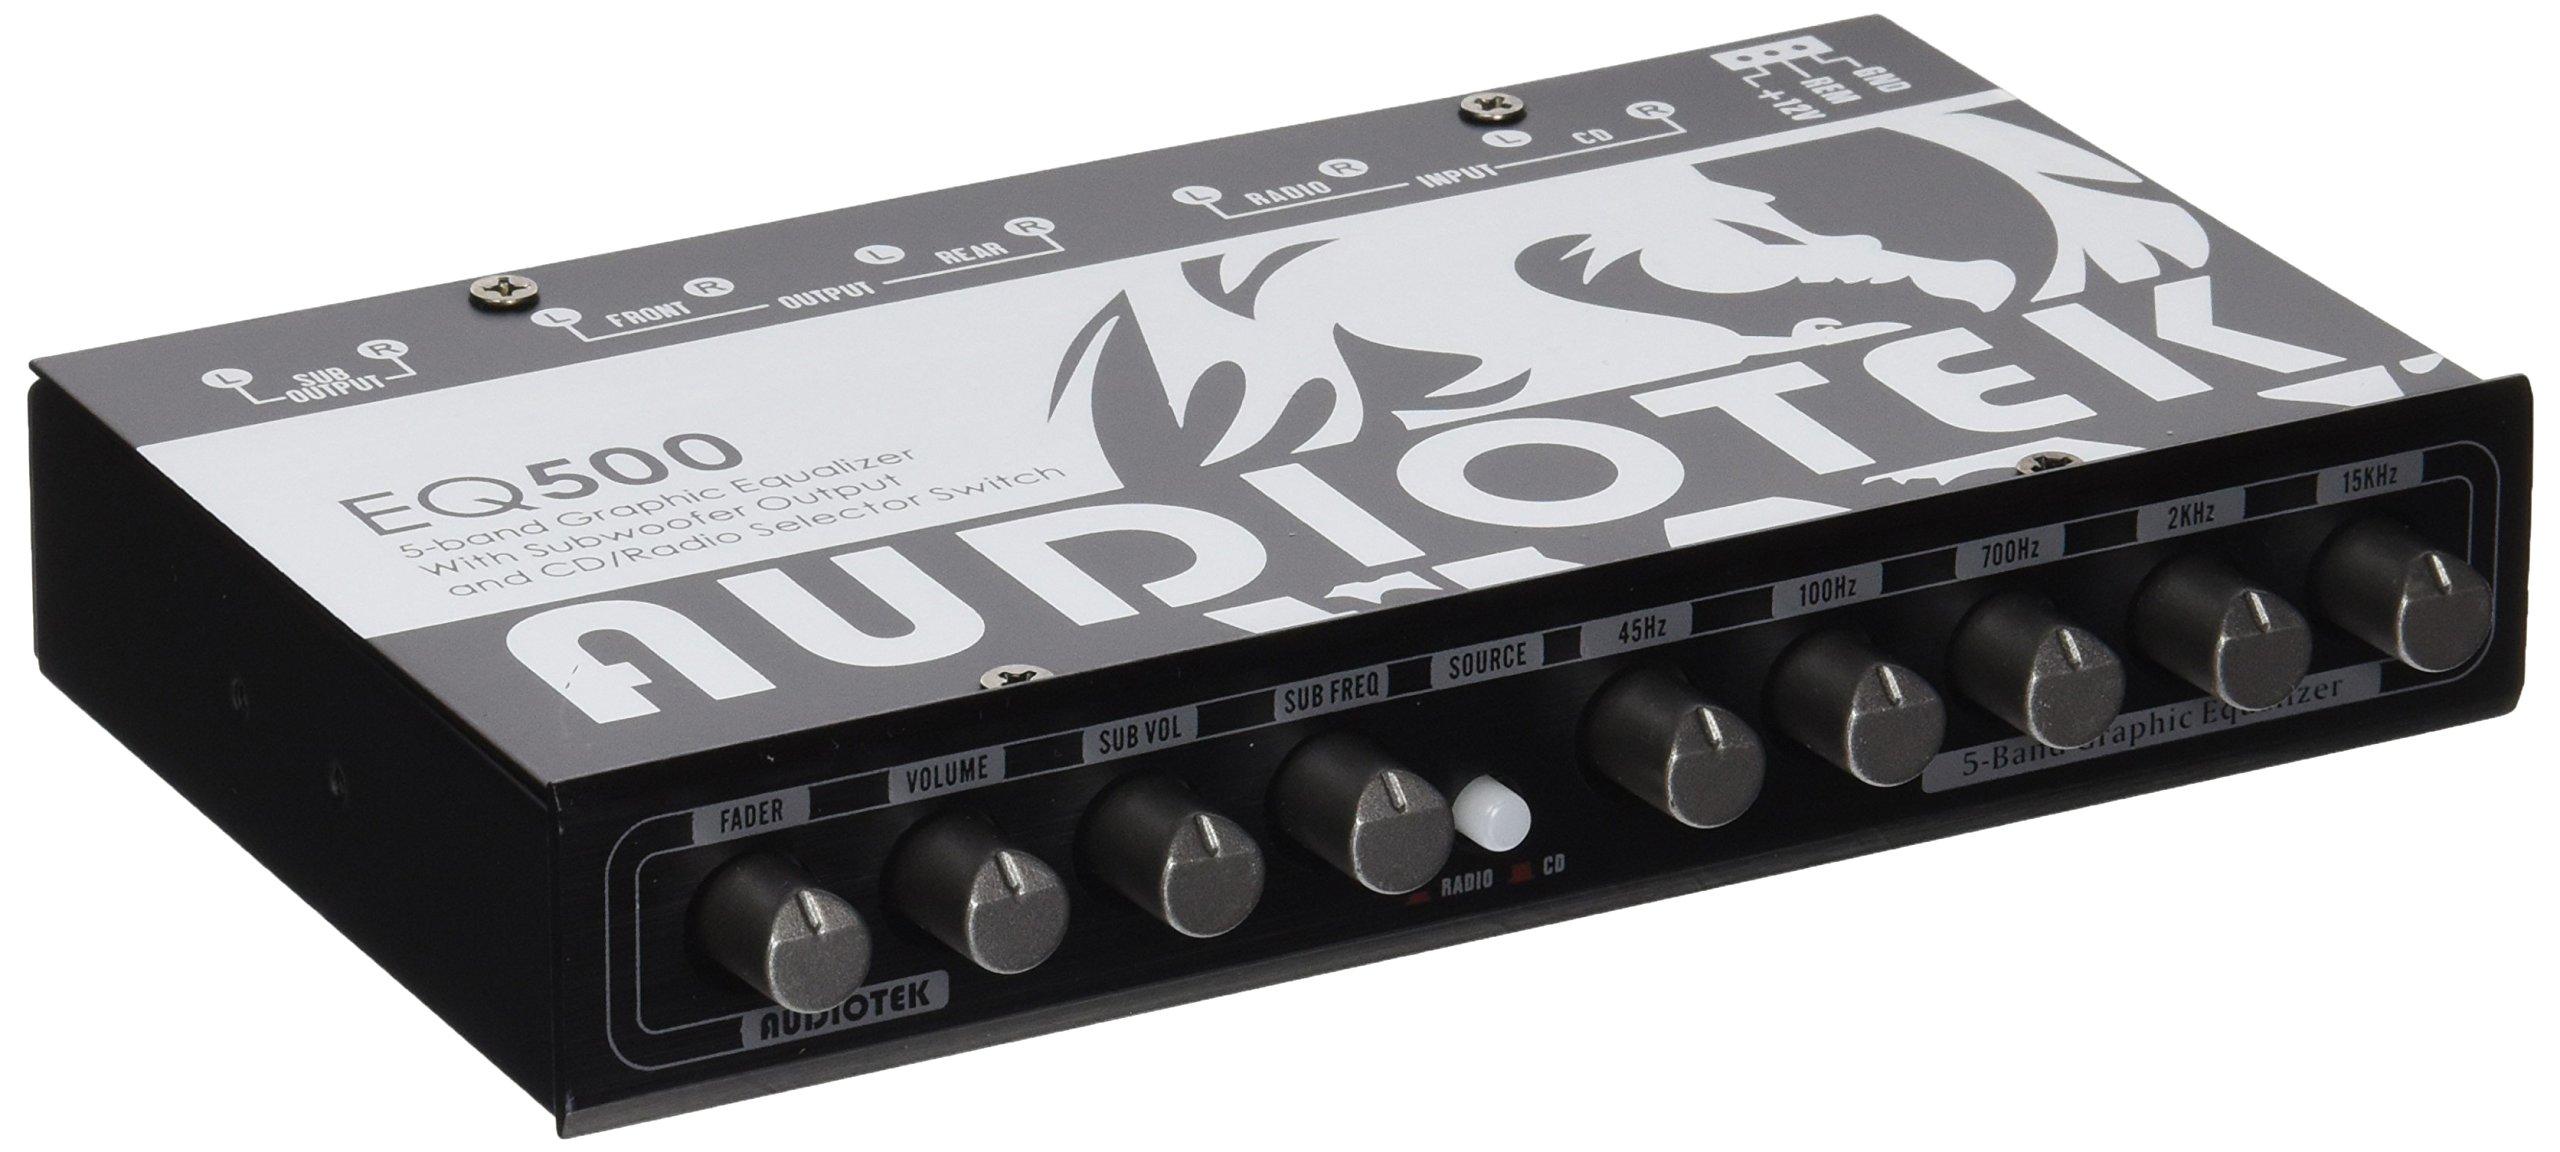 Audiotek High Performance Equalizer AT-EQ500